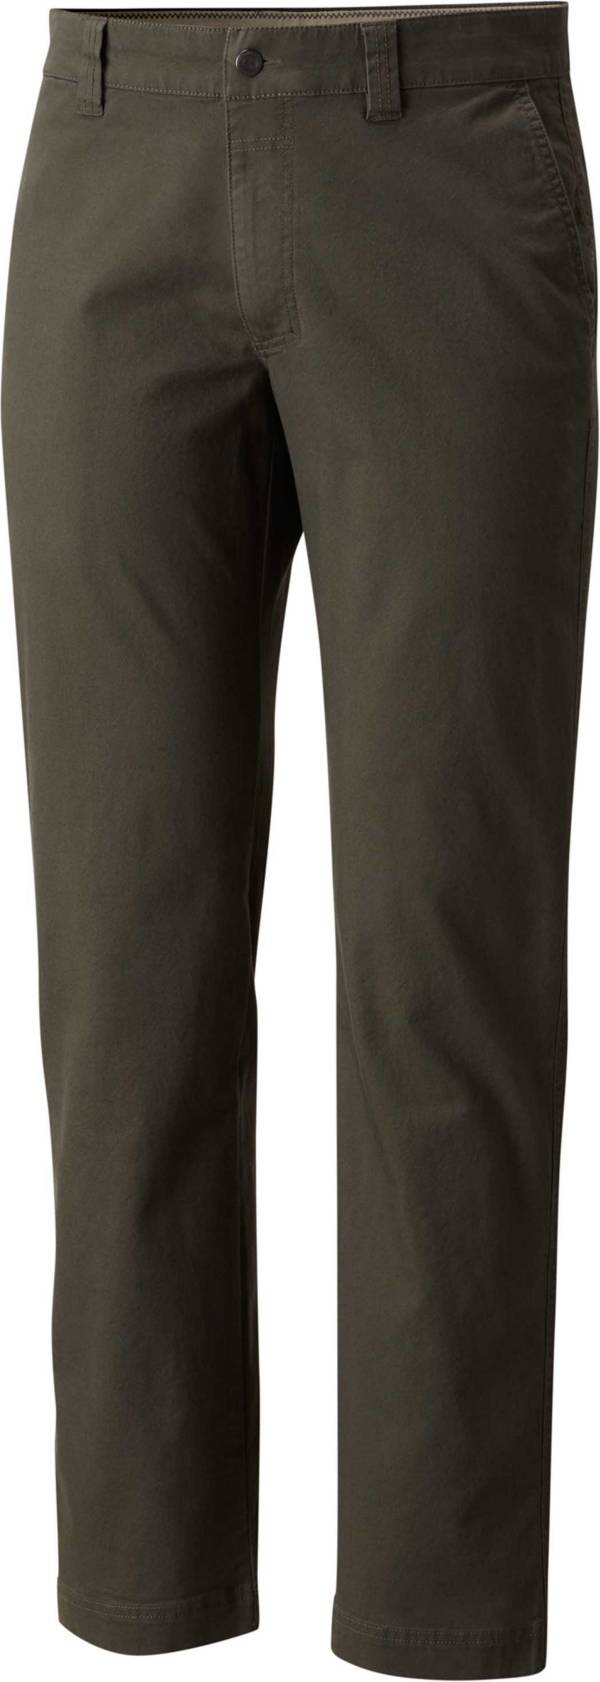 Columbia Men's Flex Roc Pants product image